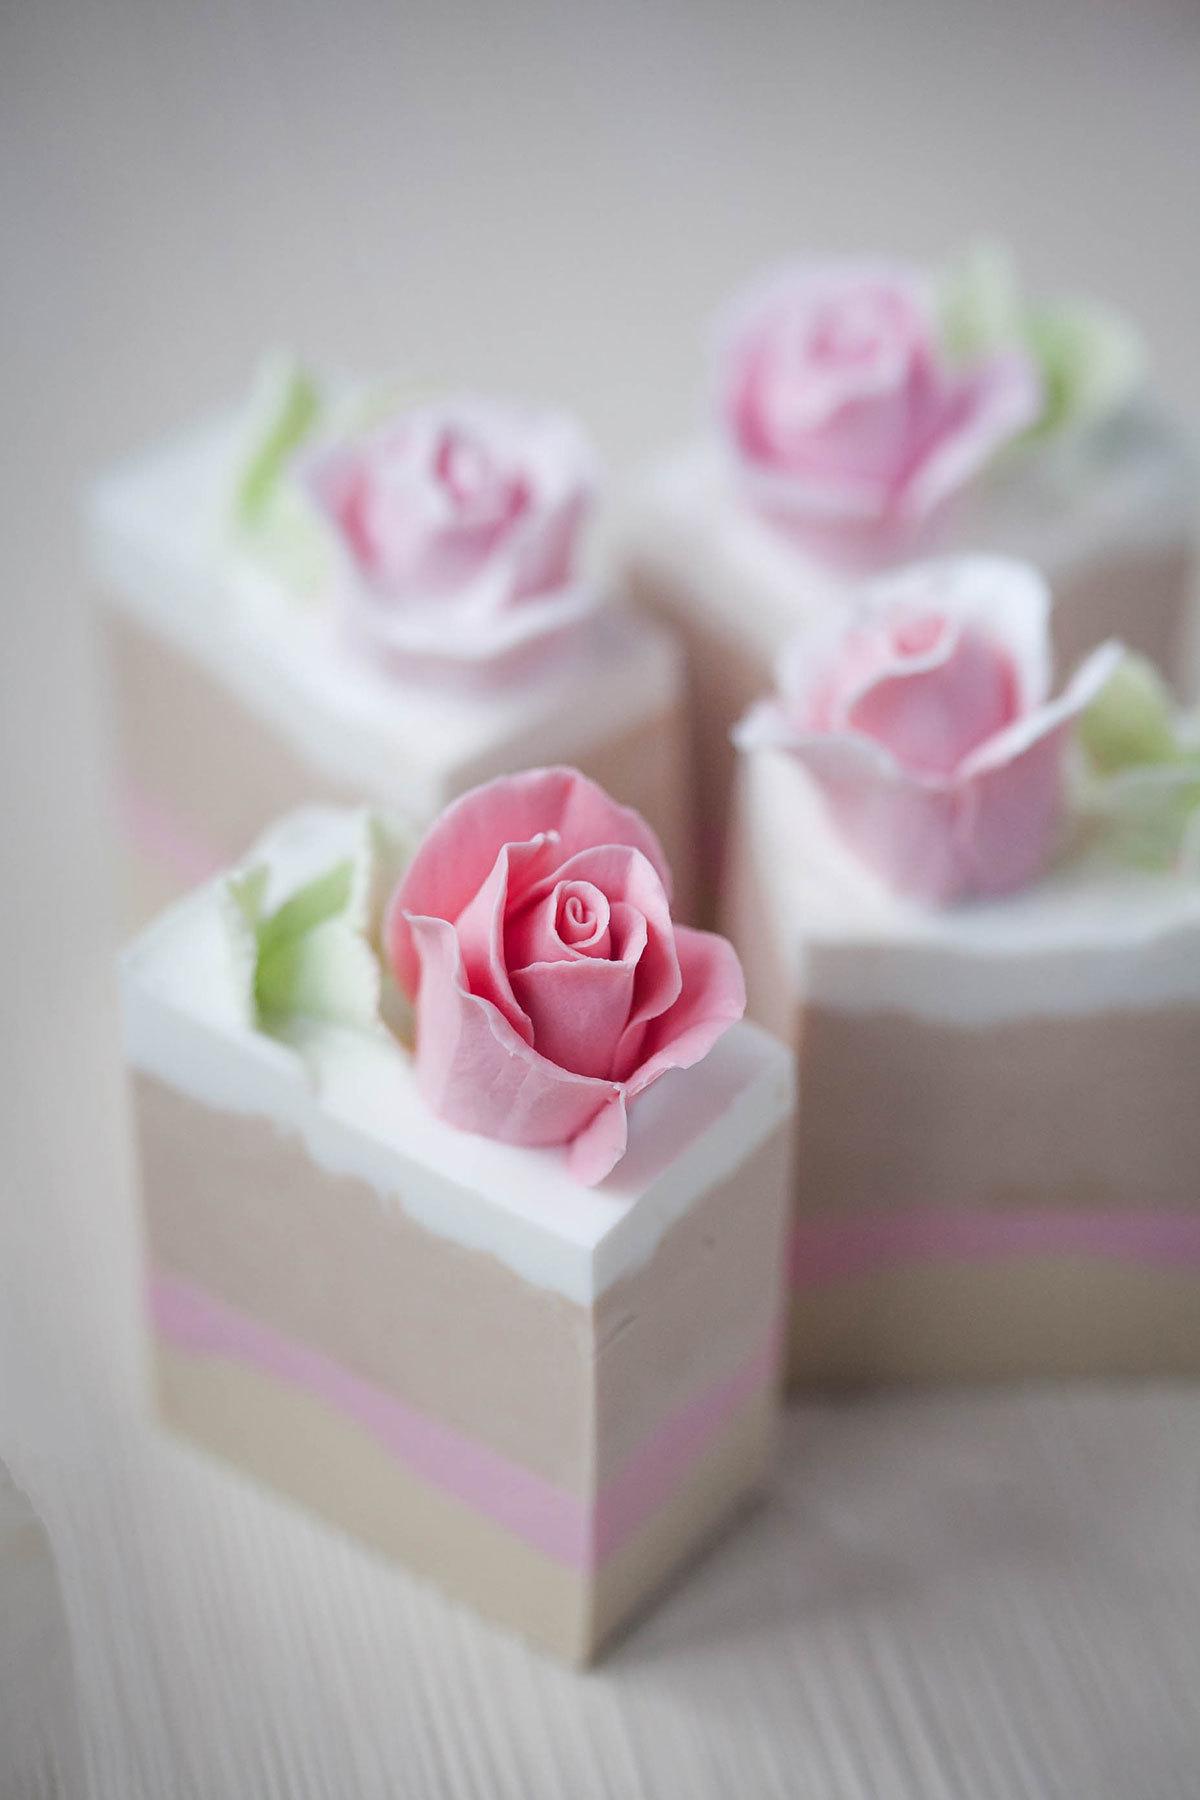 Листочки мяты + роза Софи в высокой форме под нарезку